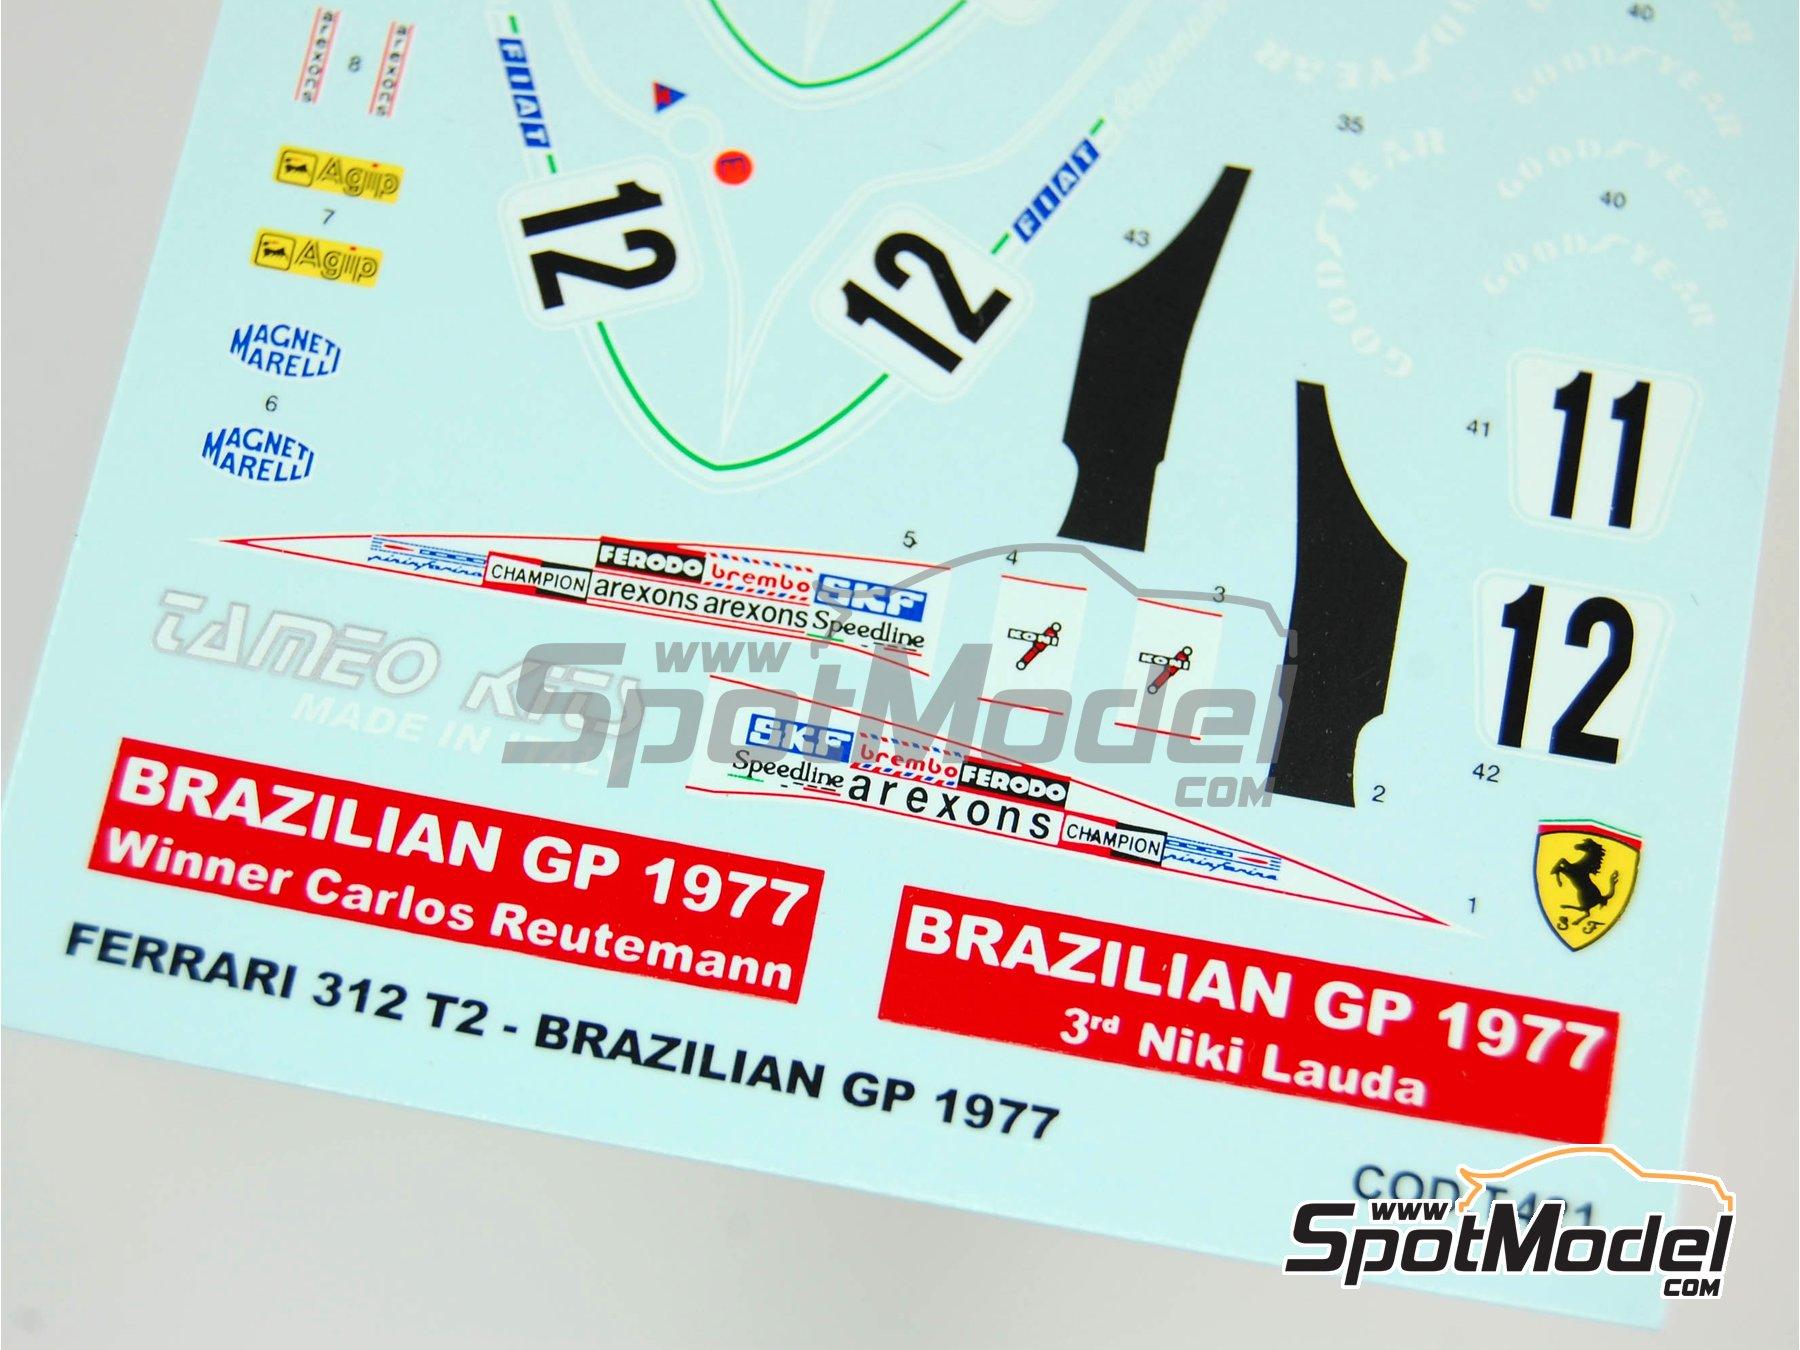 Image 2: Ferrari 312T2 Fiat - Gran Premio de Fórmula 1 de Brasil 1977 | Decoración en escala1/43 fabricado por Tameo Kits (ref.DK404)